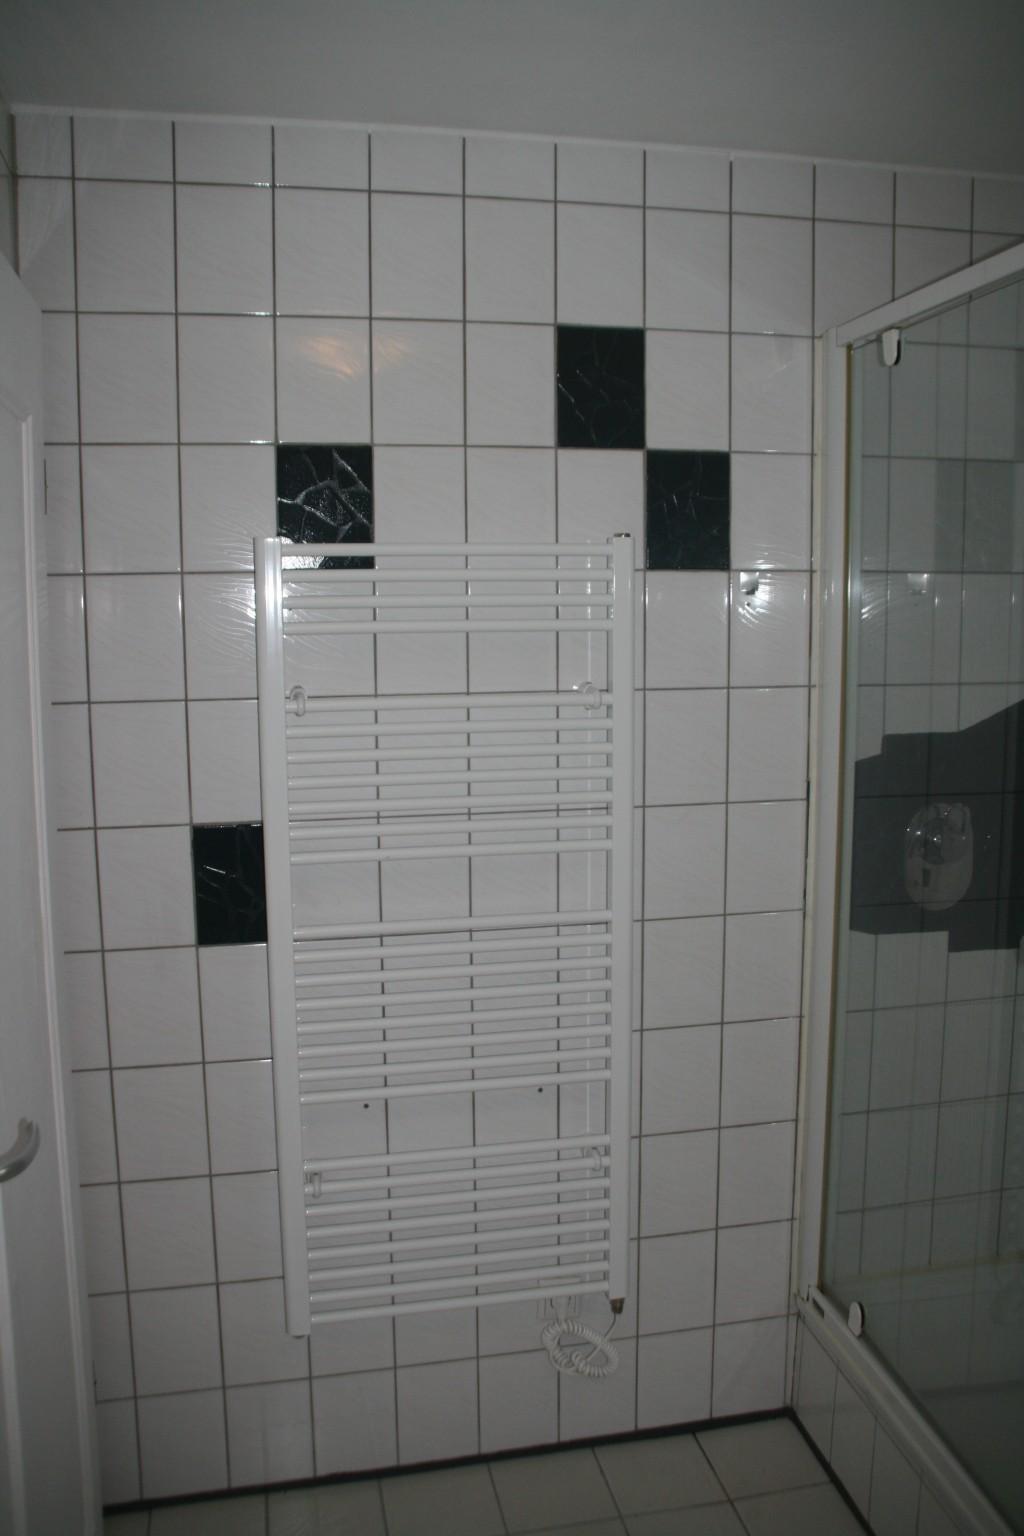 b der renovierungen fliesenleger mannheim fliesenlegearbeiten in der n he von weinheim begonnen. Black Bedroom Furniture Sets. Home Design Ideas